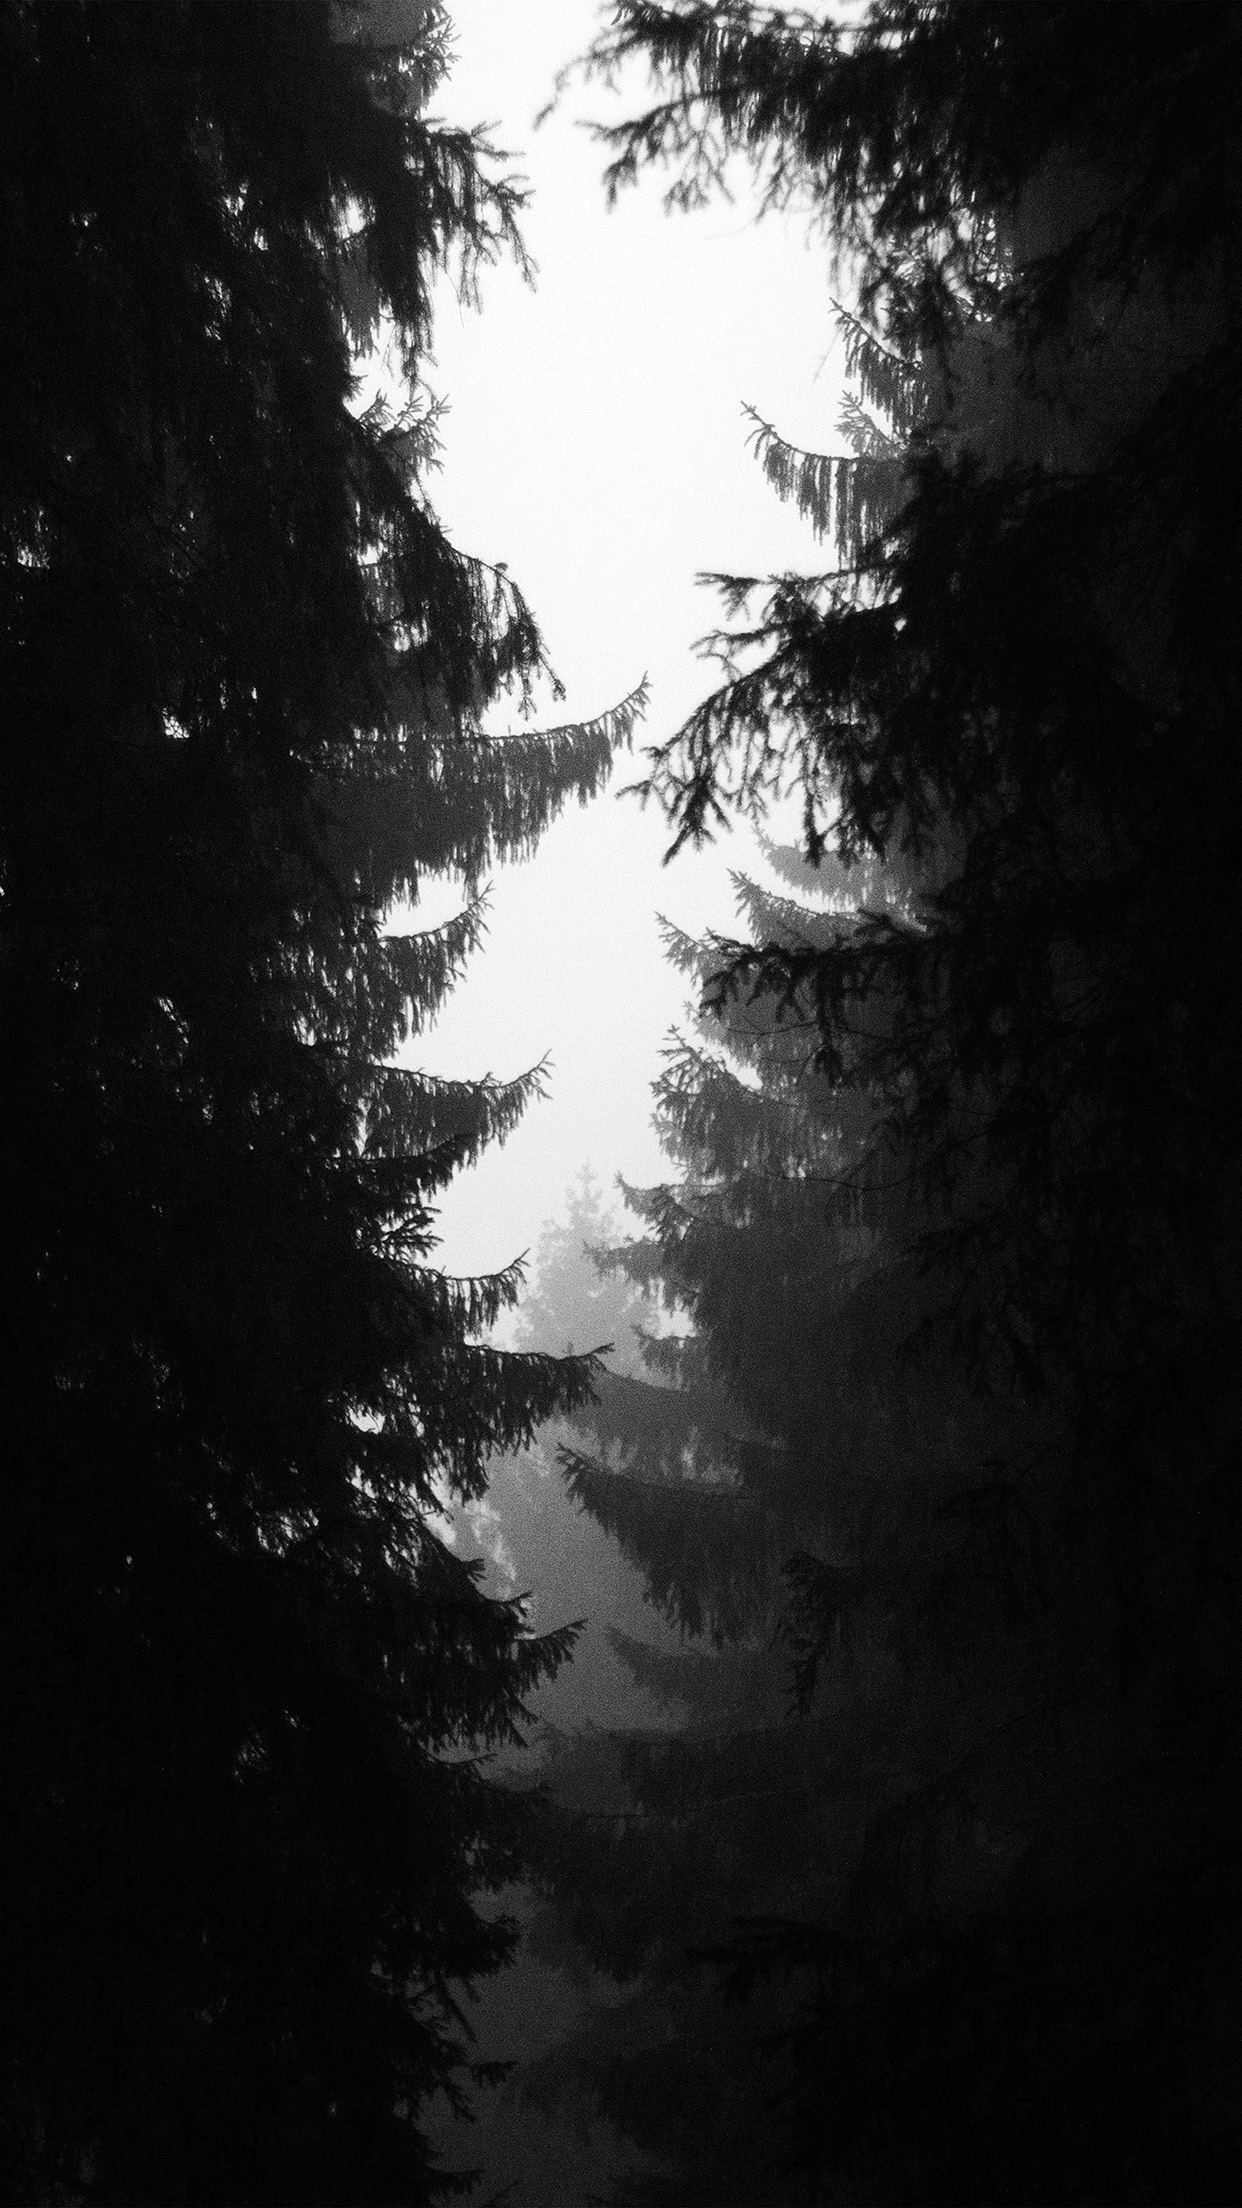 ni90-wood-tree-simple-nature-bw-dark-wallpaper